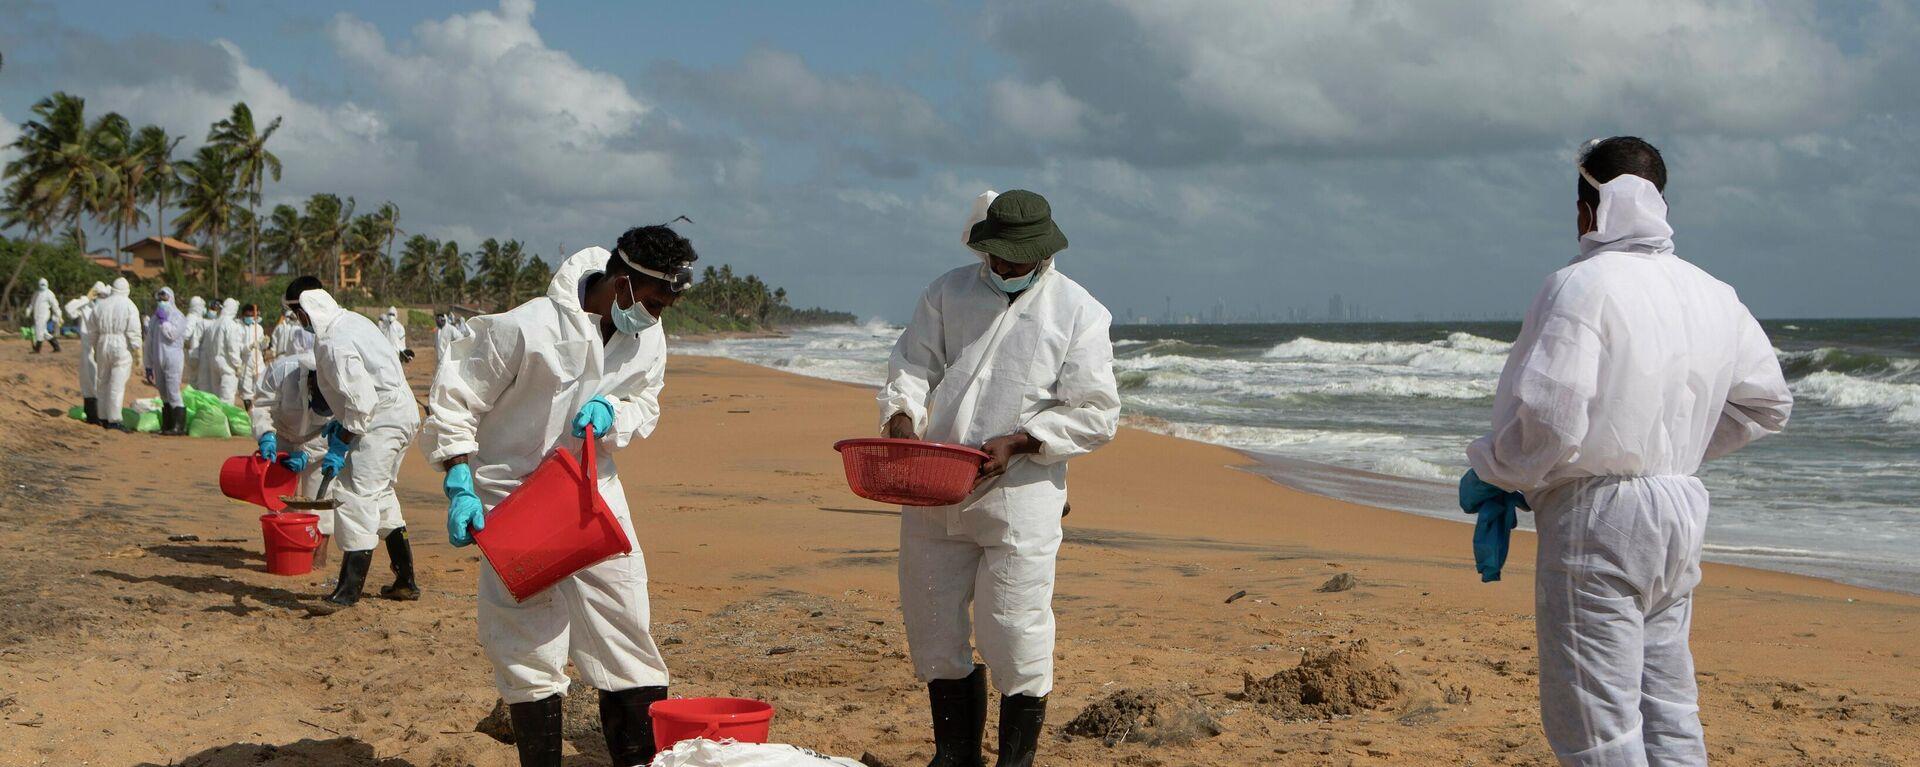 Marinesoldaten sammeln Plastikreste nach der Havarie vor Sri-Lanka (Archivbild) - SNA, 1920, 01.07.2021